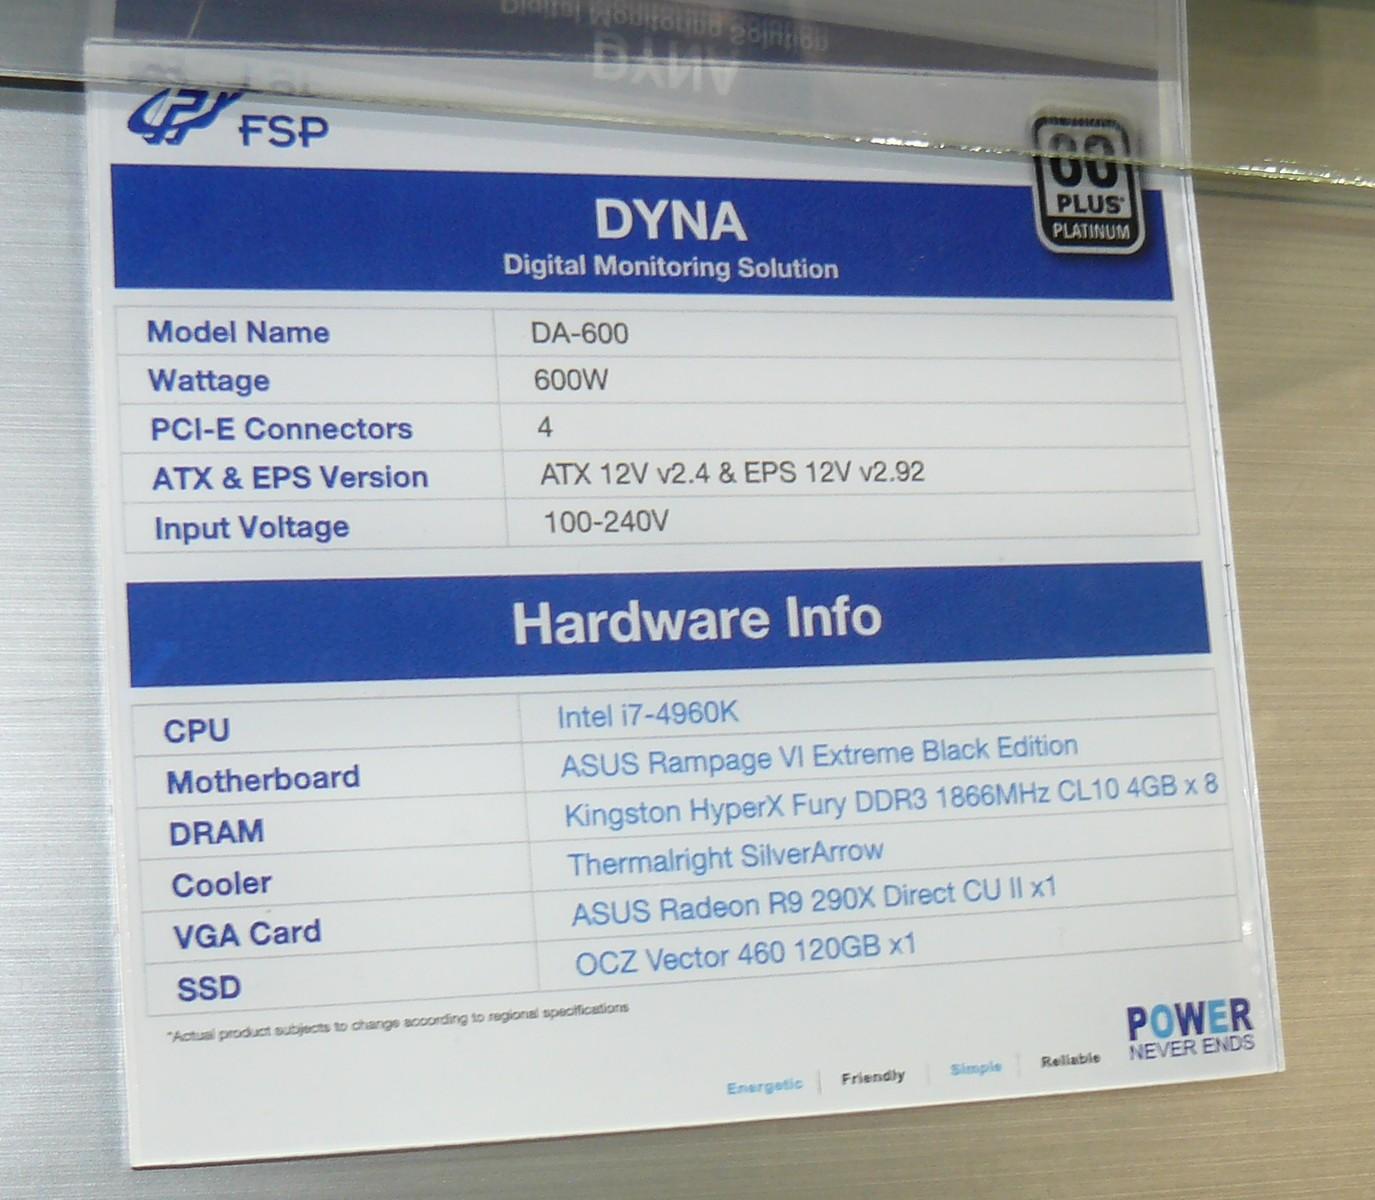 FSP Dyna